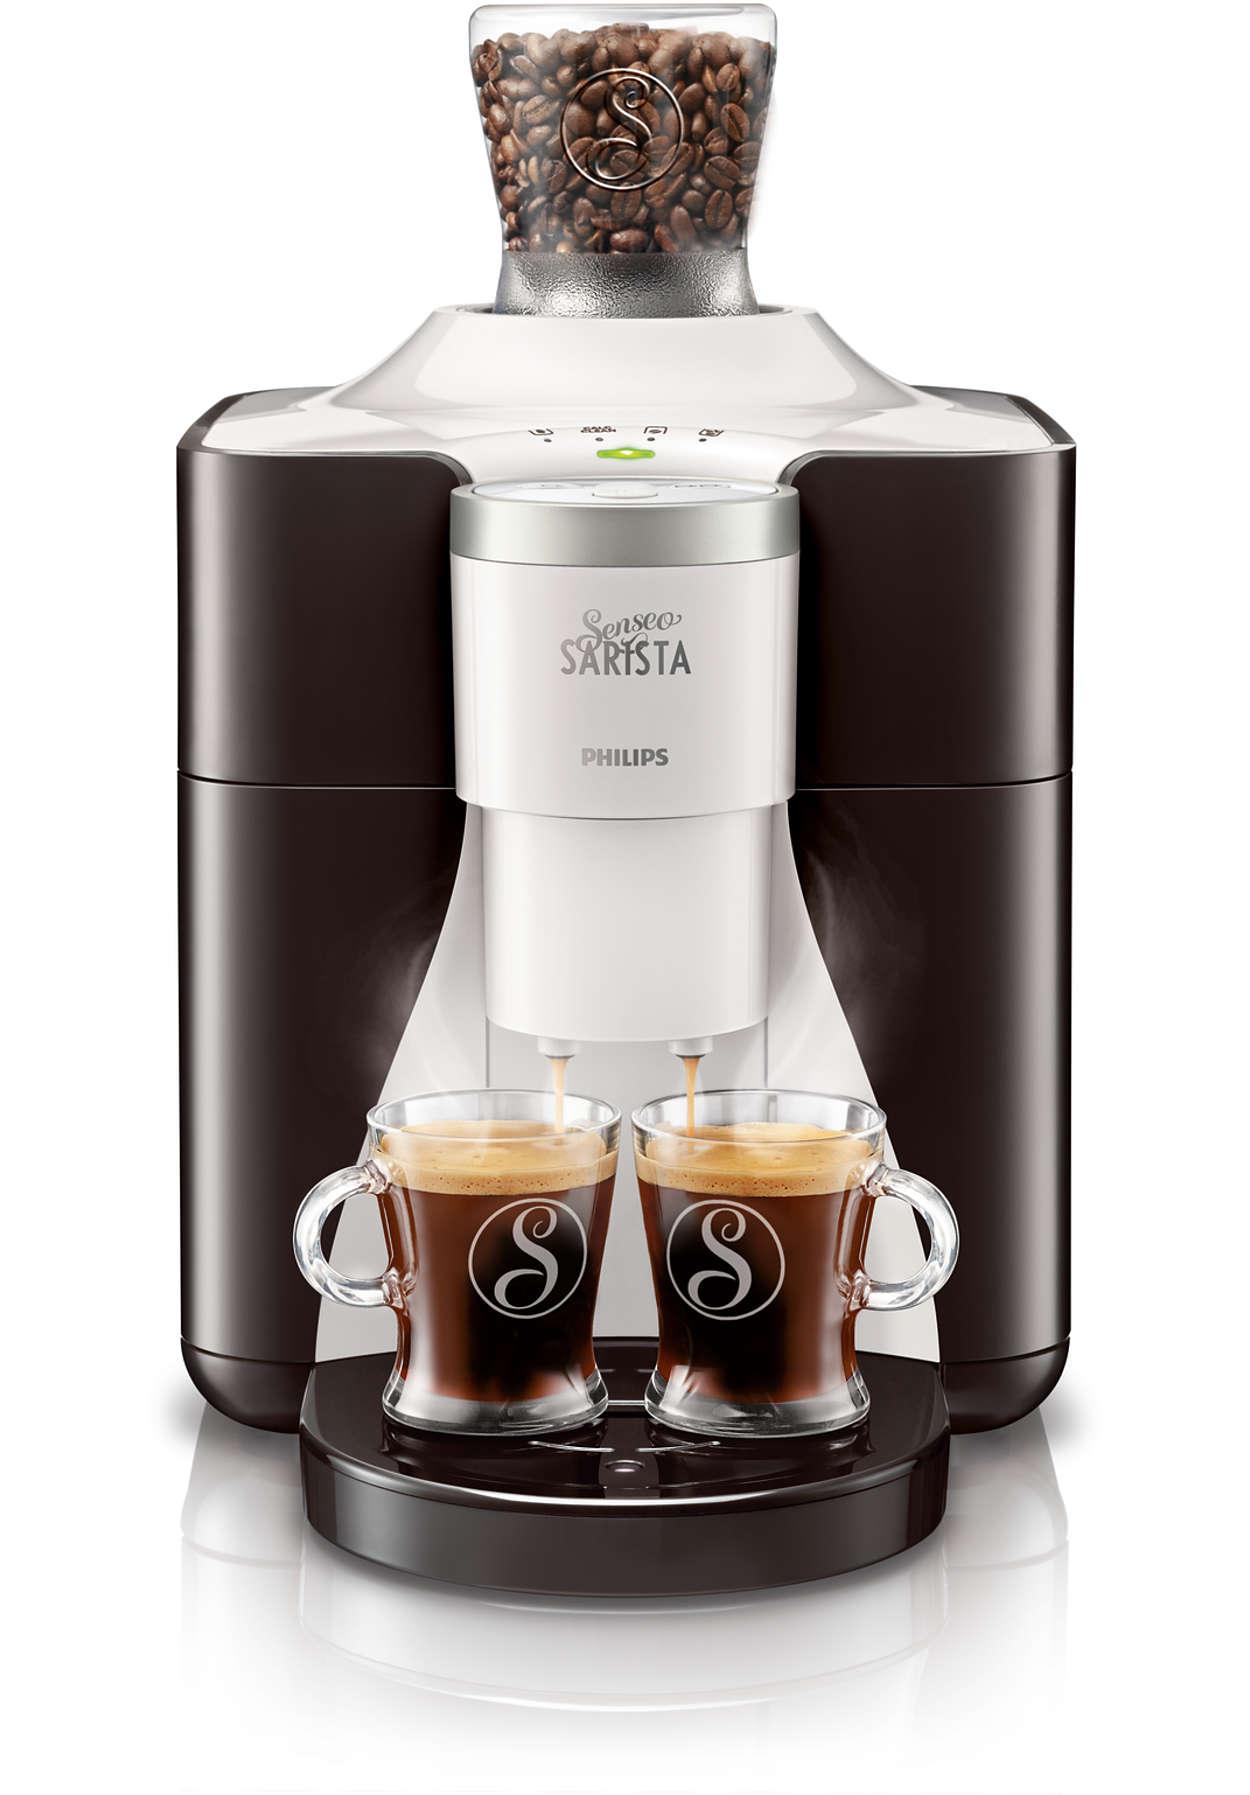 Changez la variété de grains de café de la SENSEO® SARISTA